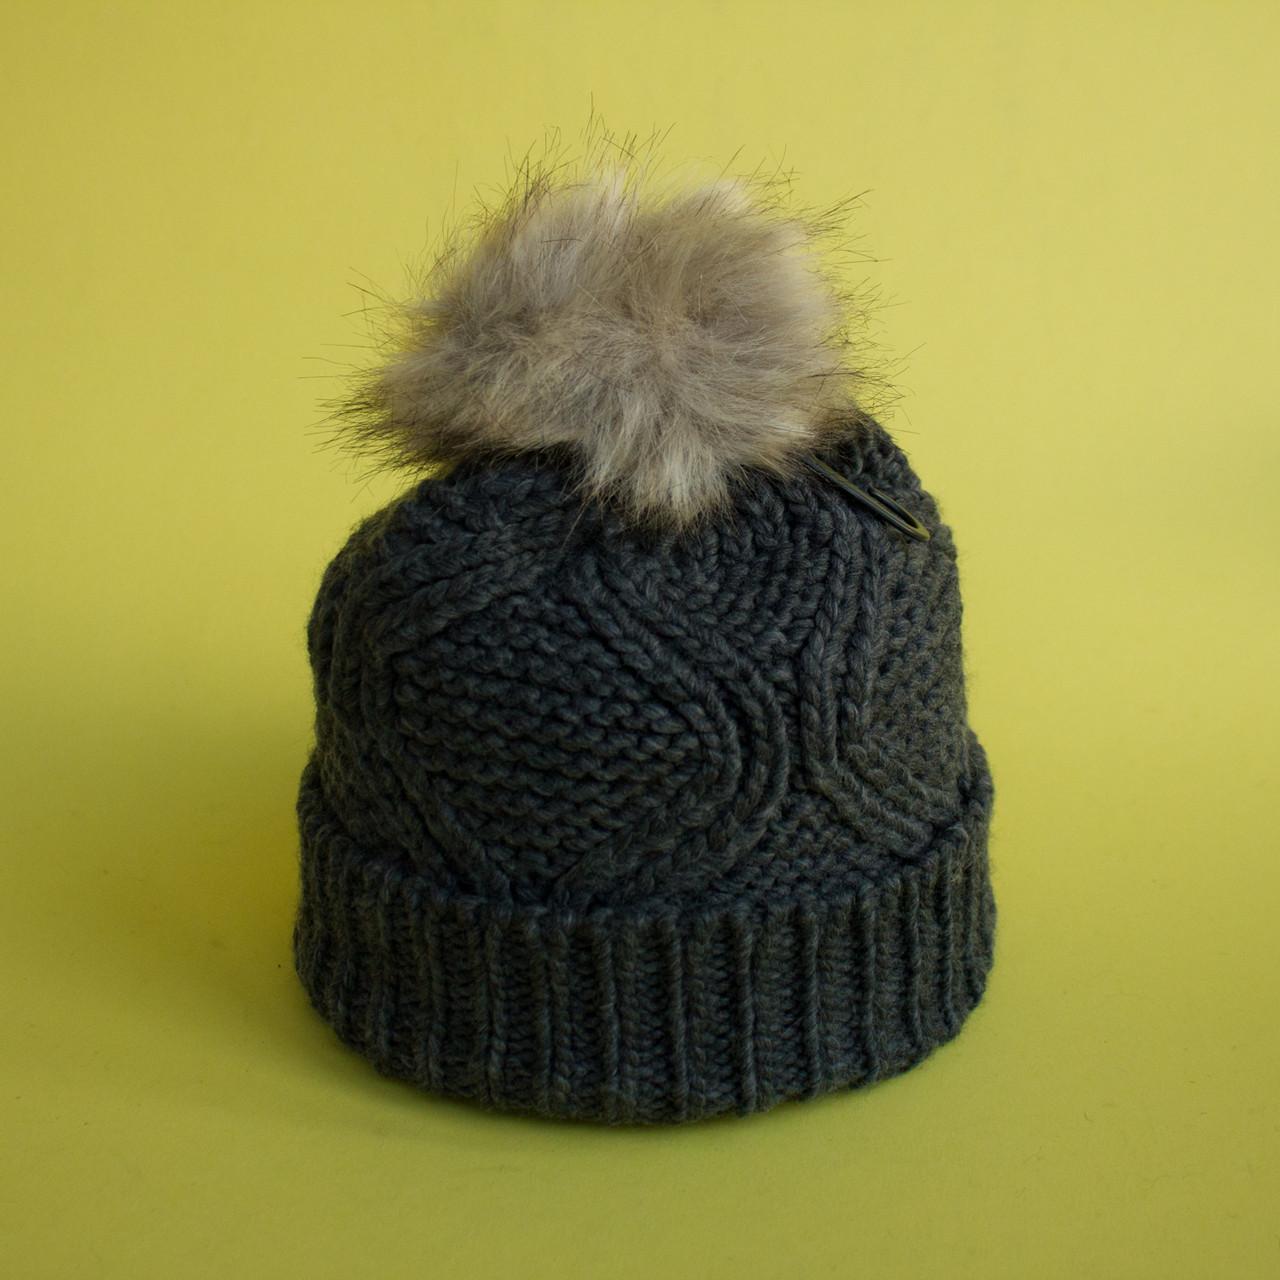 серая вязаная шапка с меховым помпоном купить украина шапки в